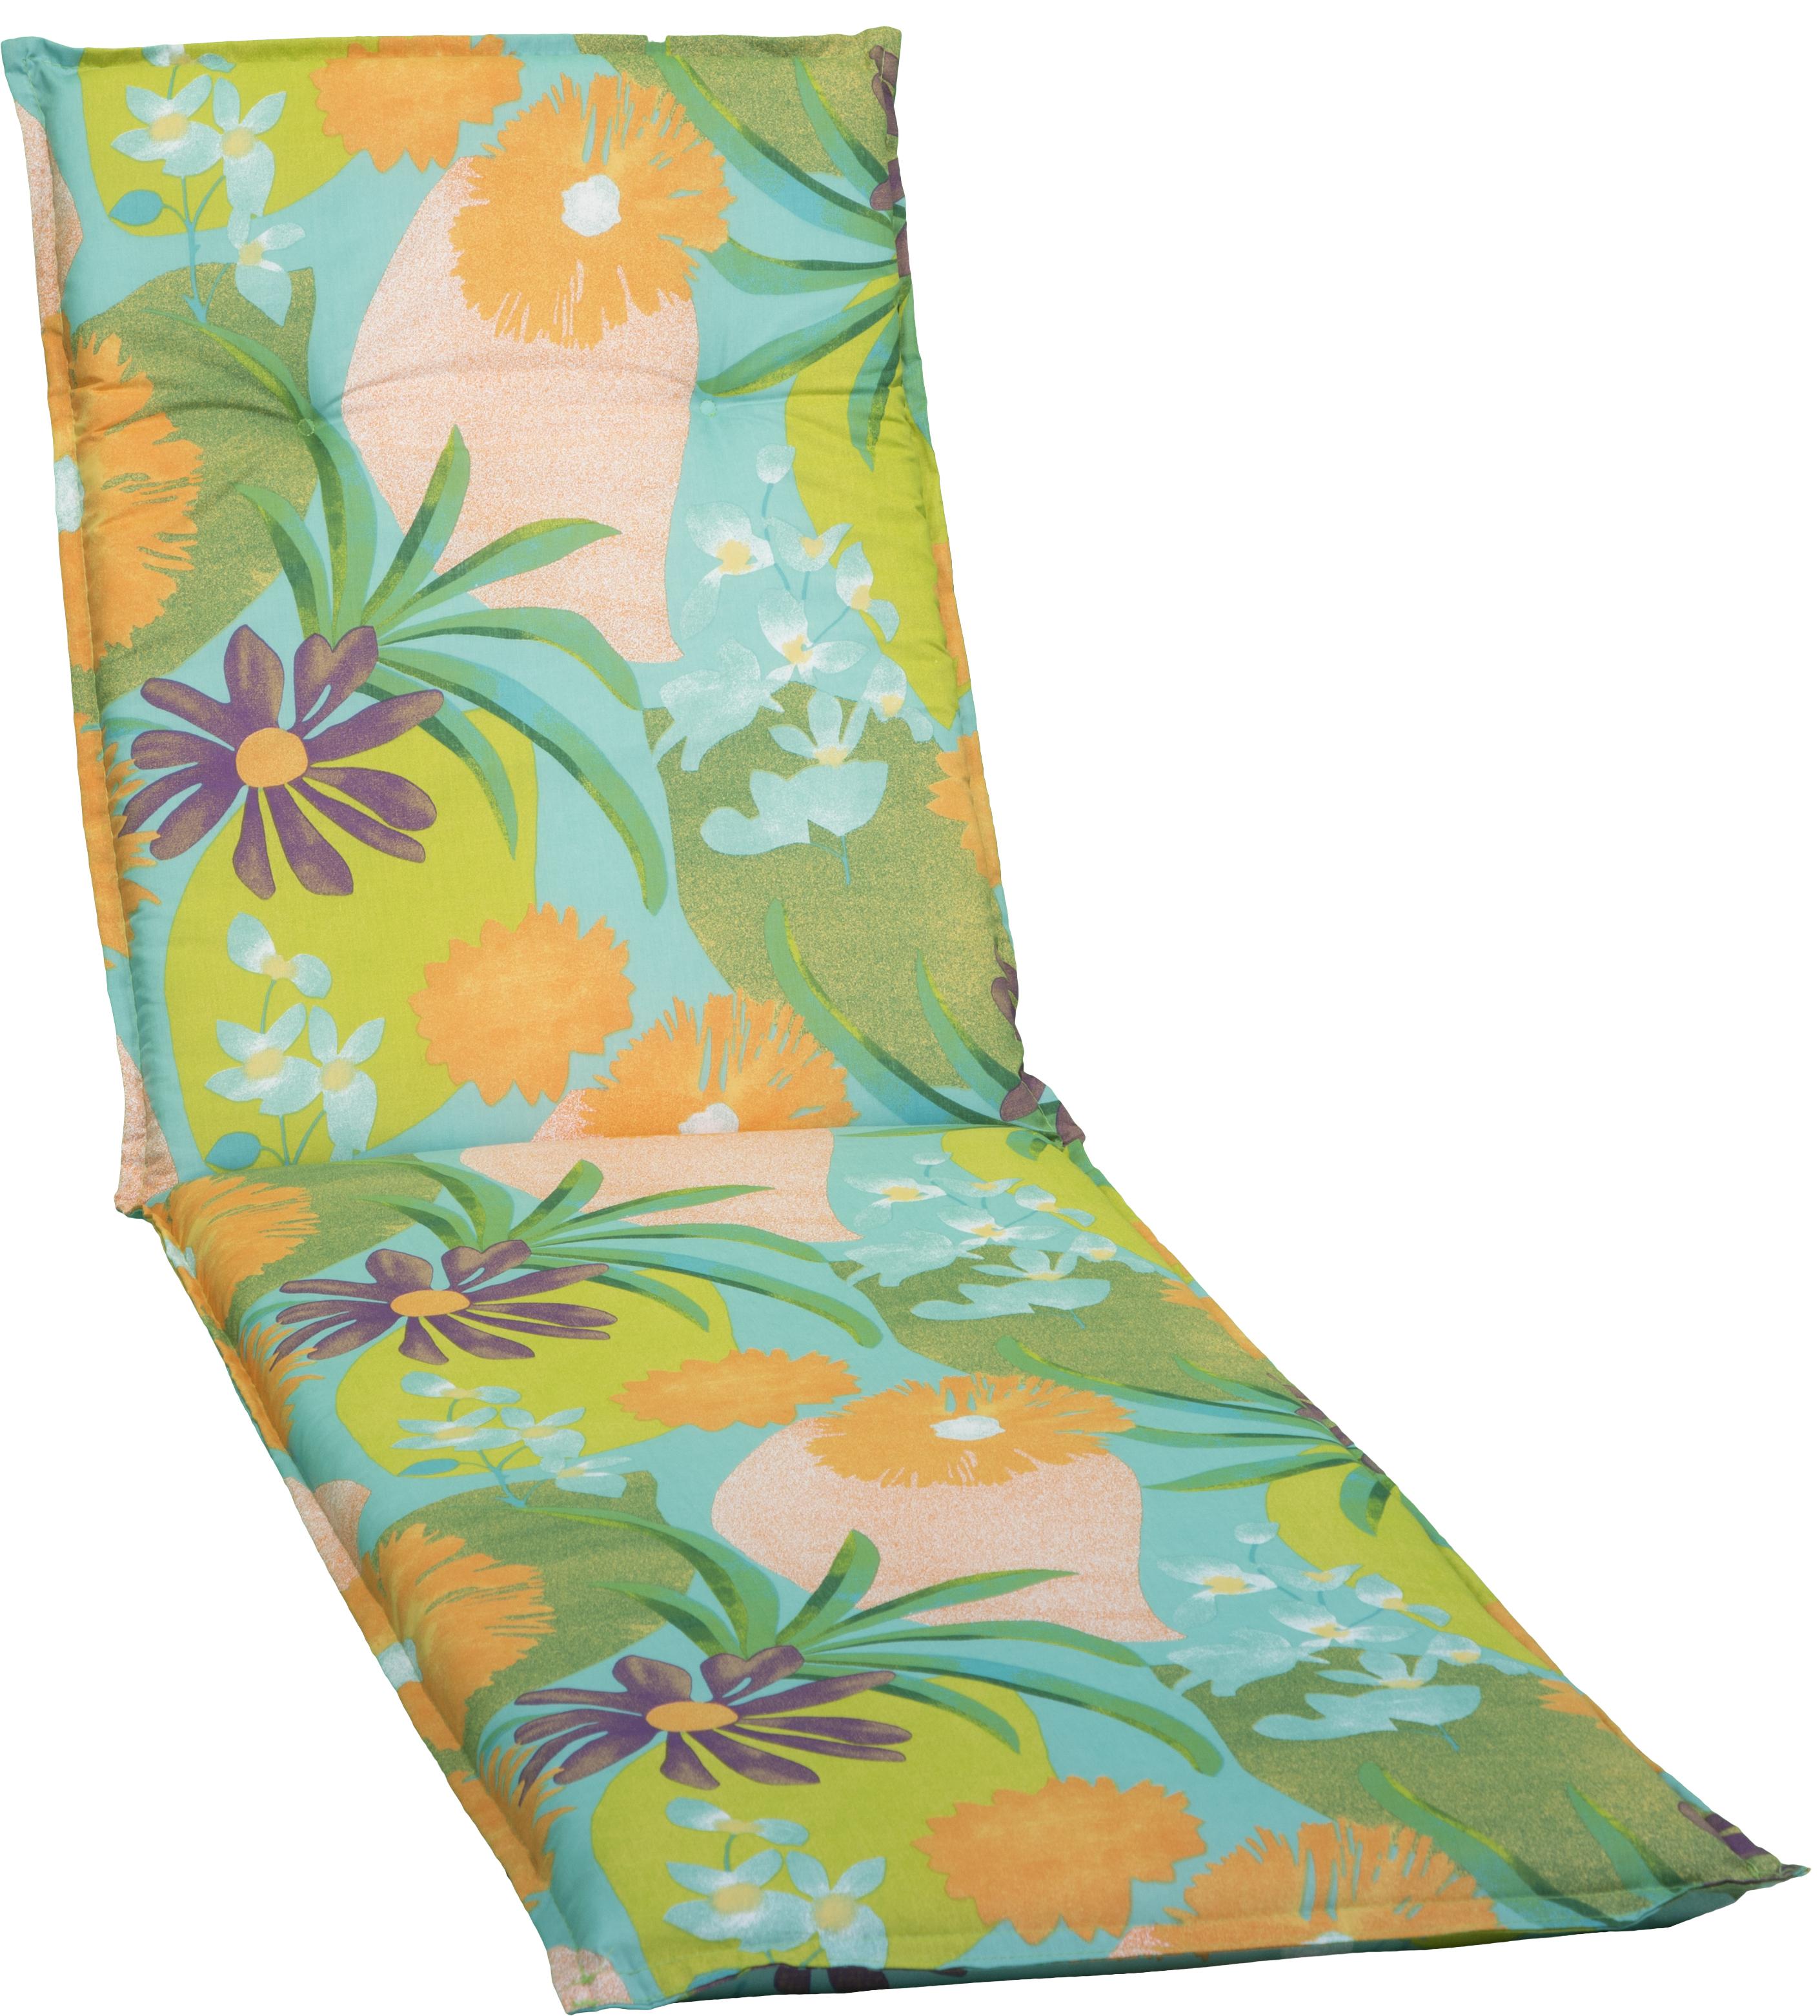 Aquarell Blumenmotiv Gartenliege Polster Design M701 orange, türkis, rosé und grün